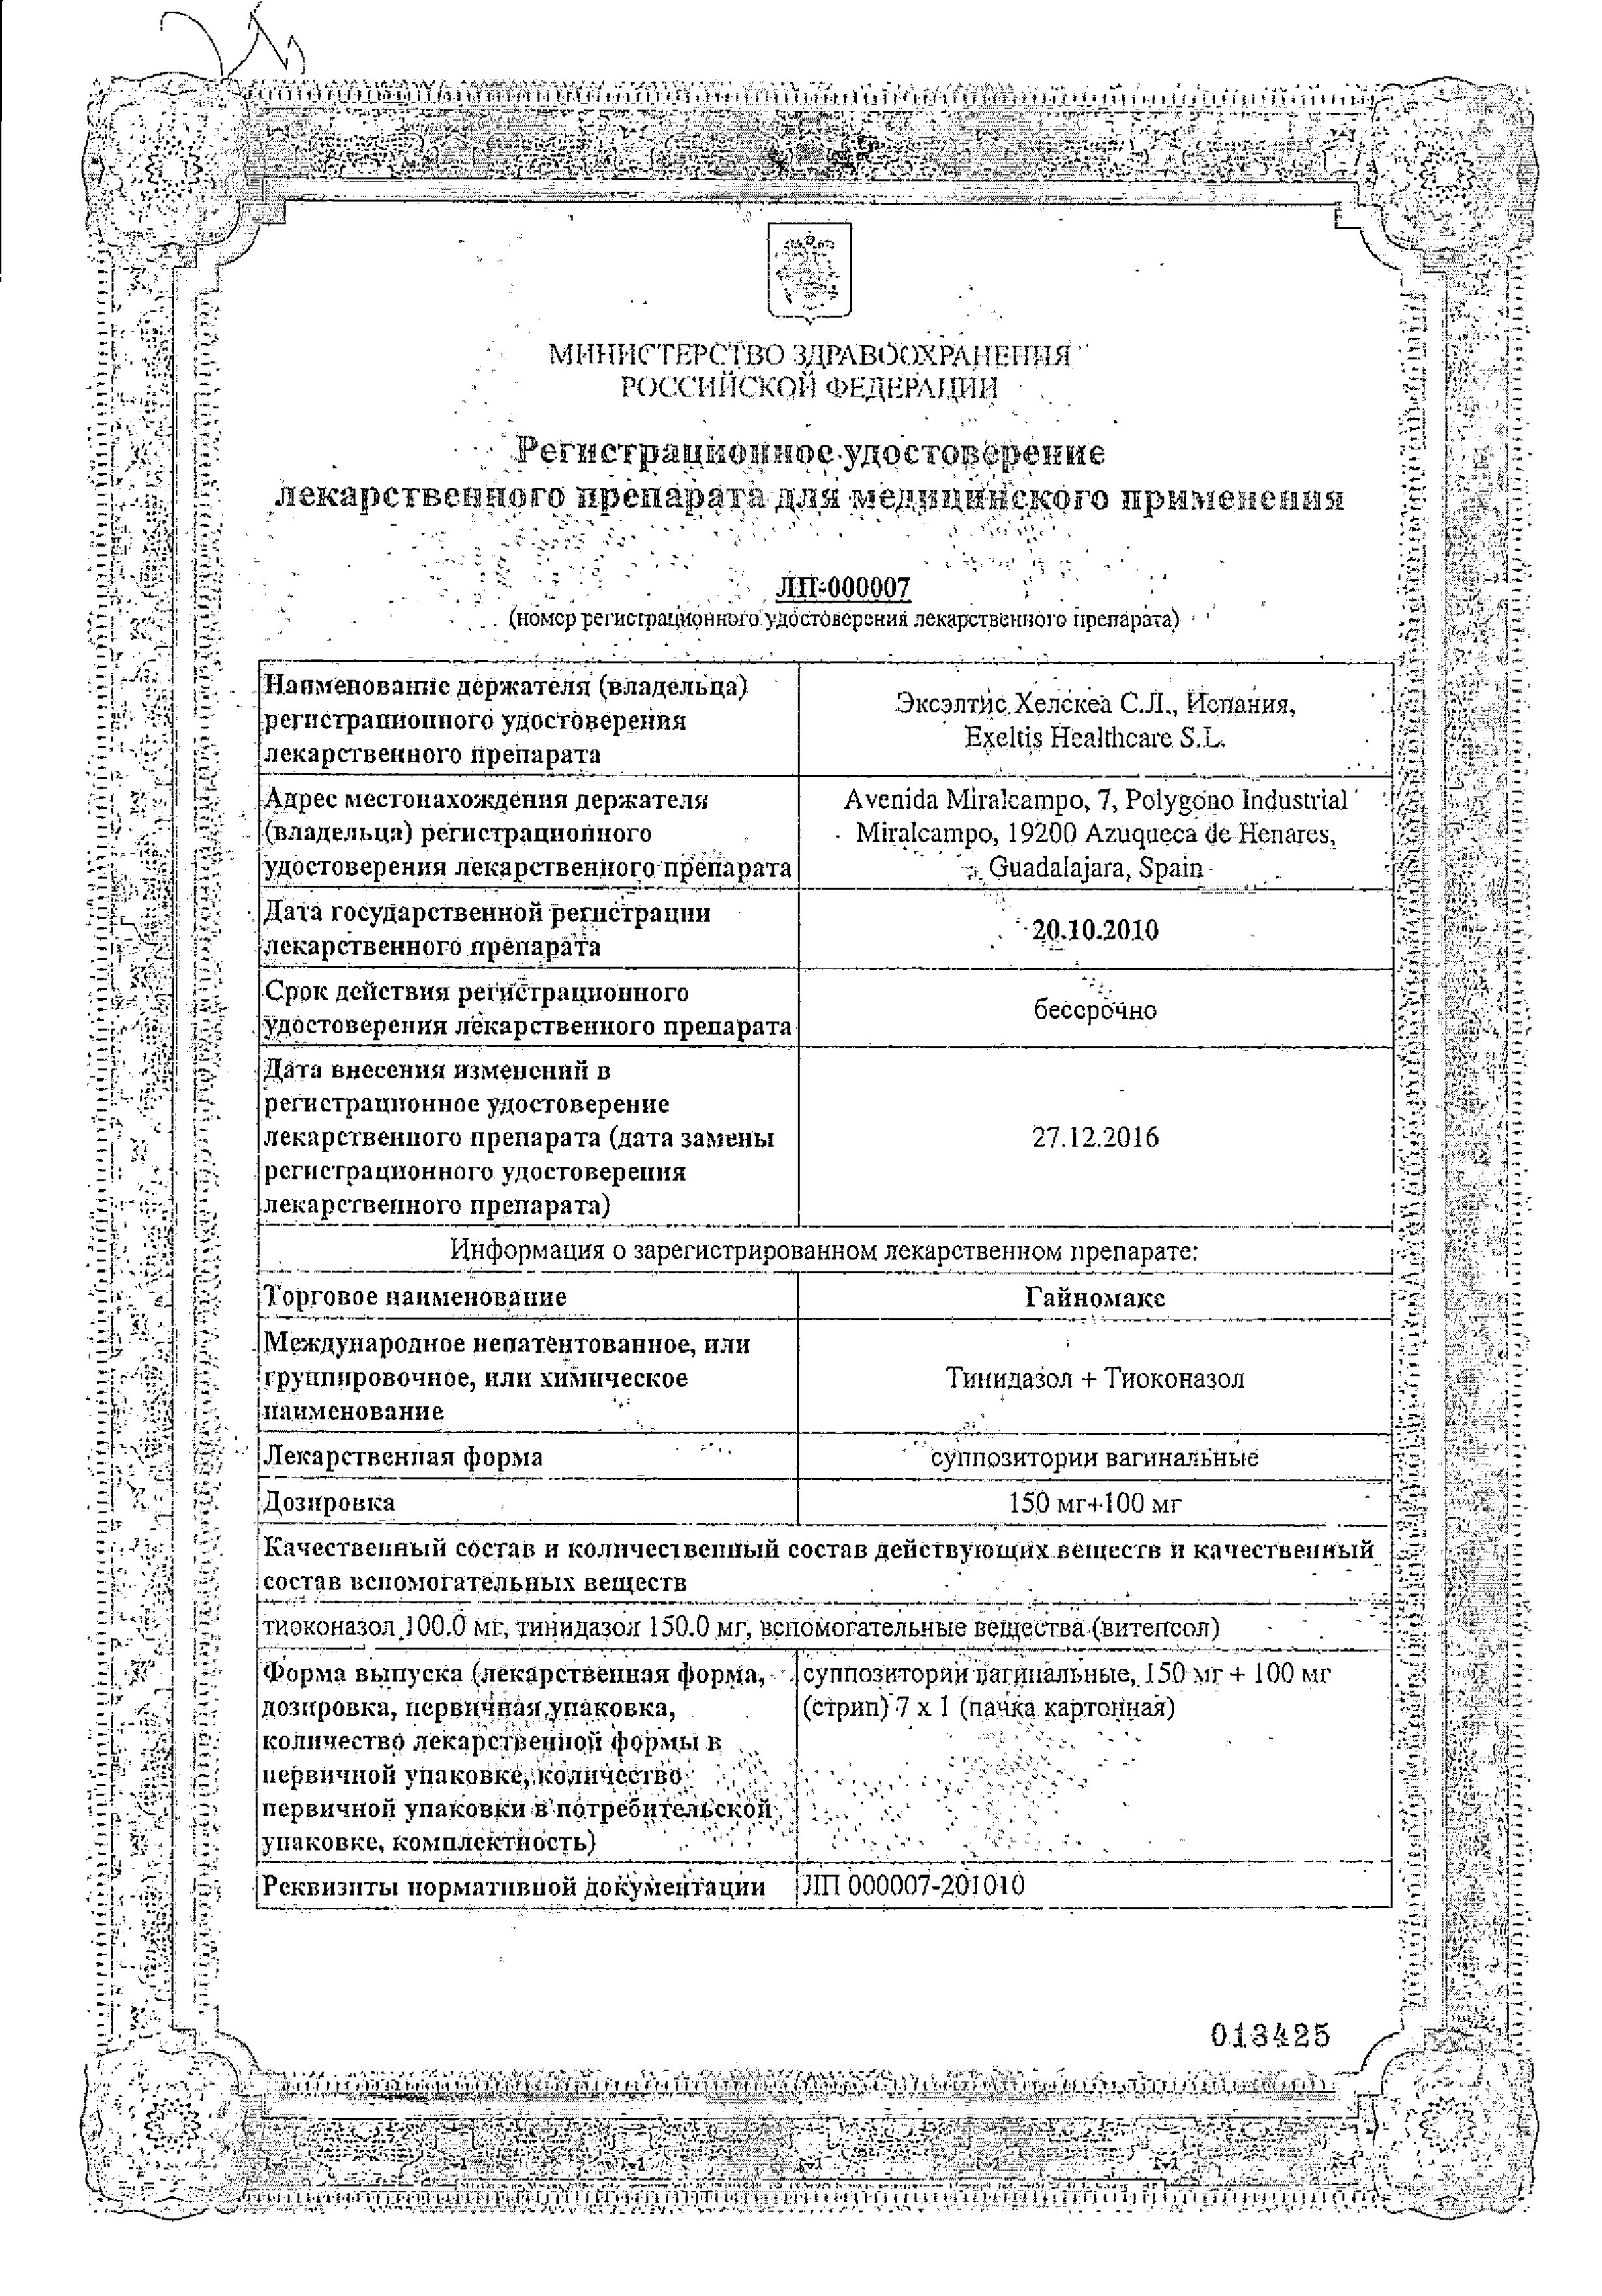 Гайномакс сертификат